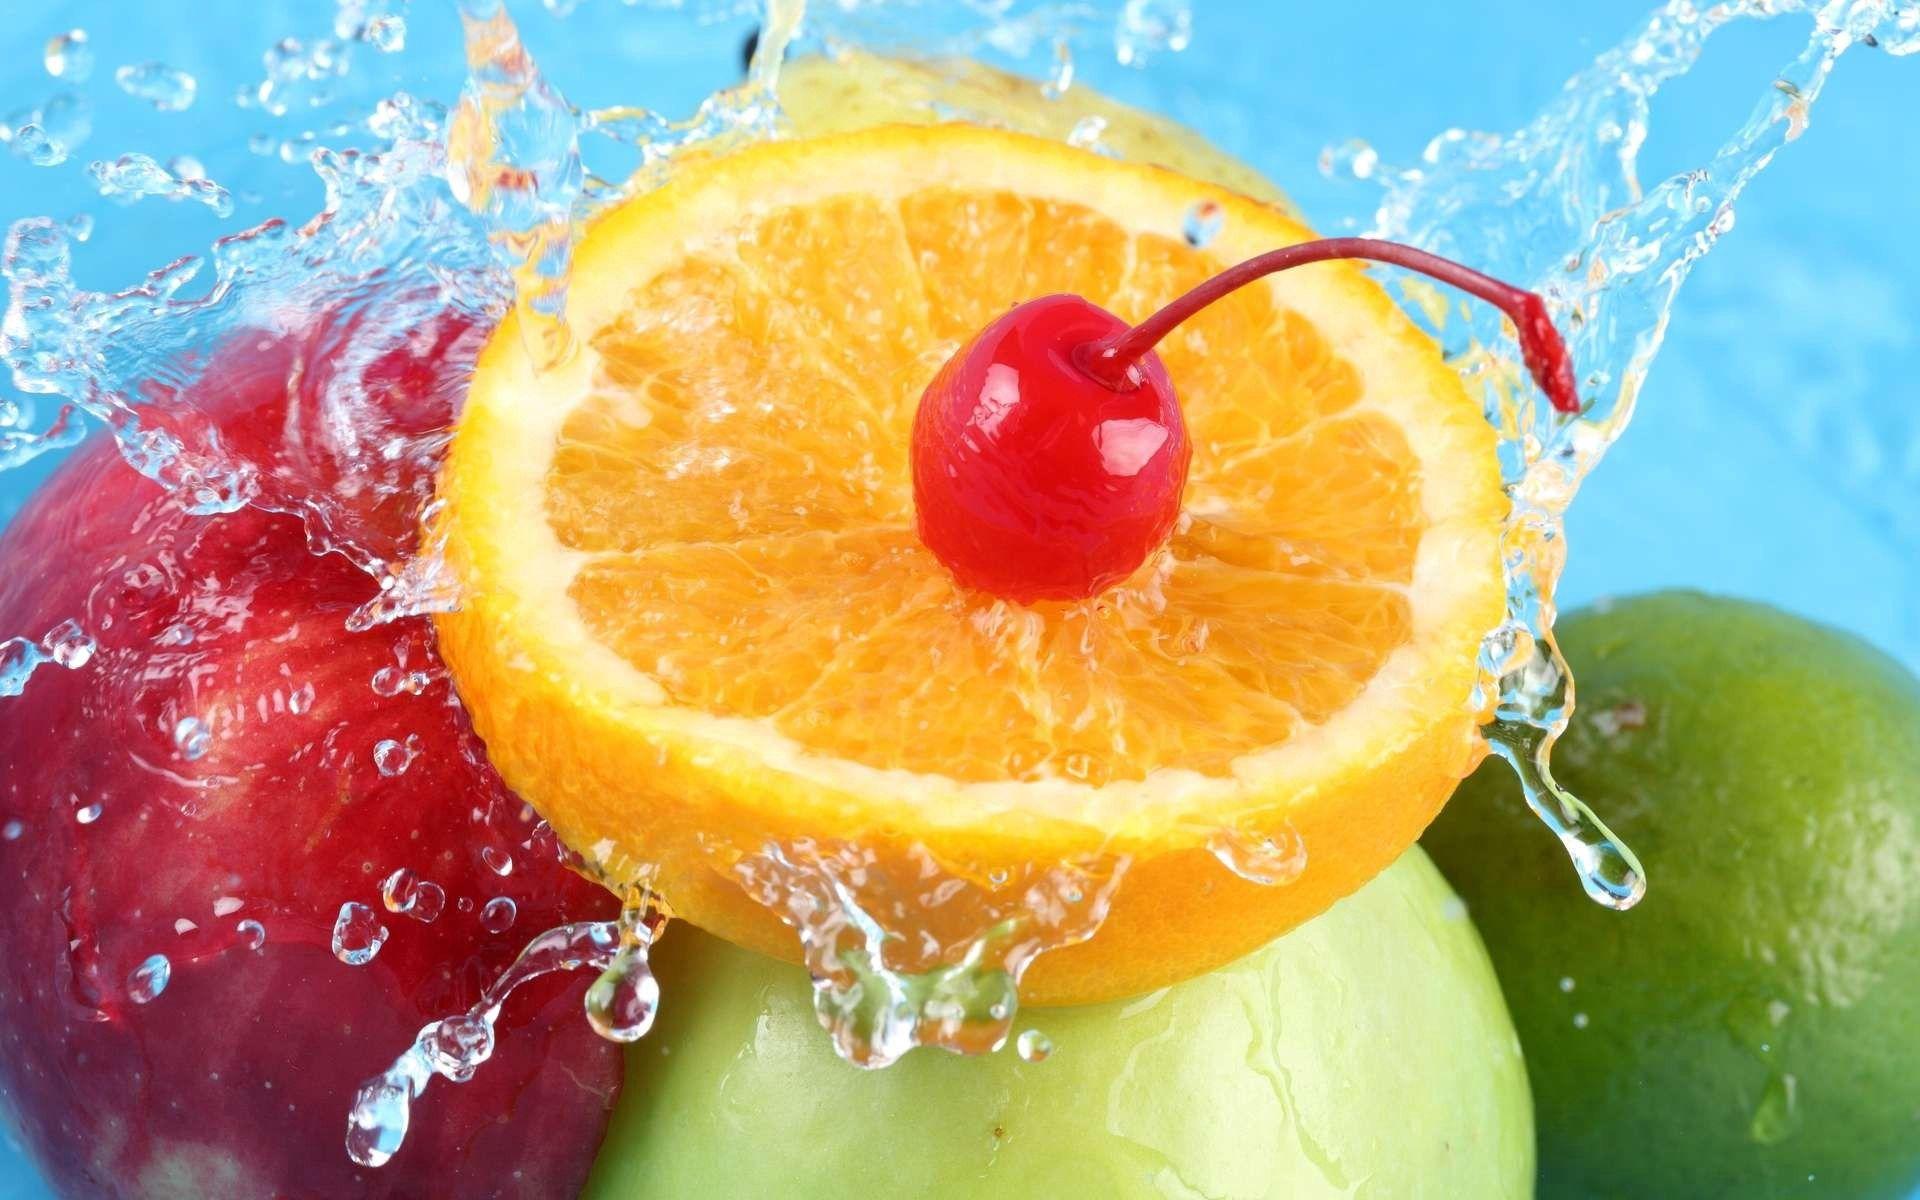 免費下載 74101: 水果, 食物, 樱桃, 苹果, 橙子 桌面壁紙